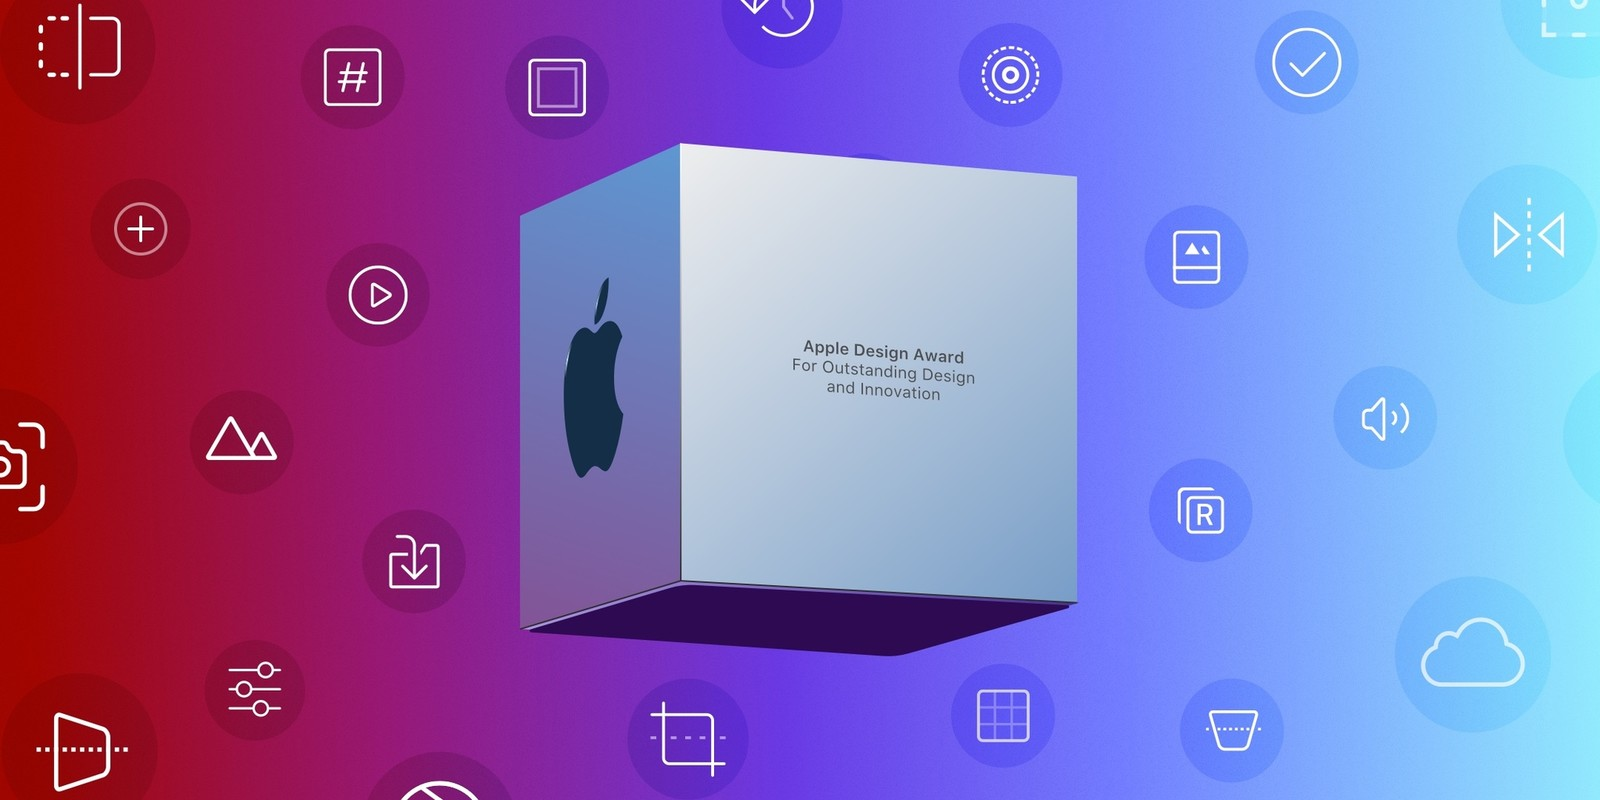 Победитель Apple Design Awards статистически усреднённый портрет